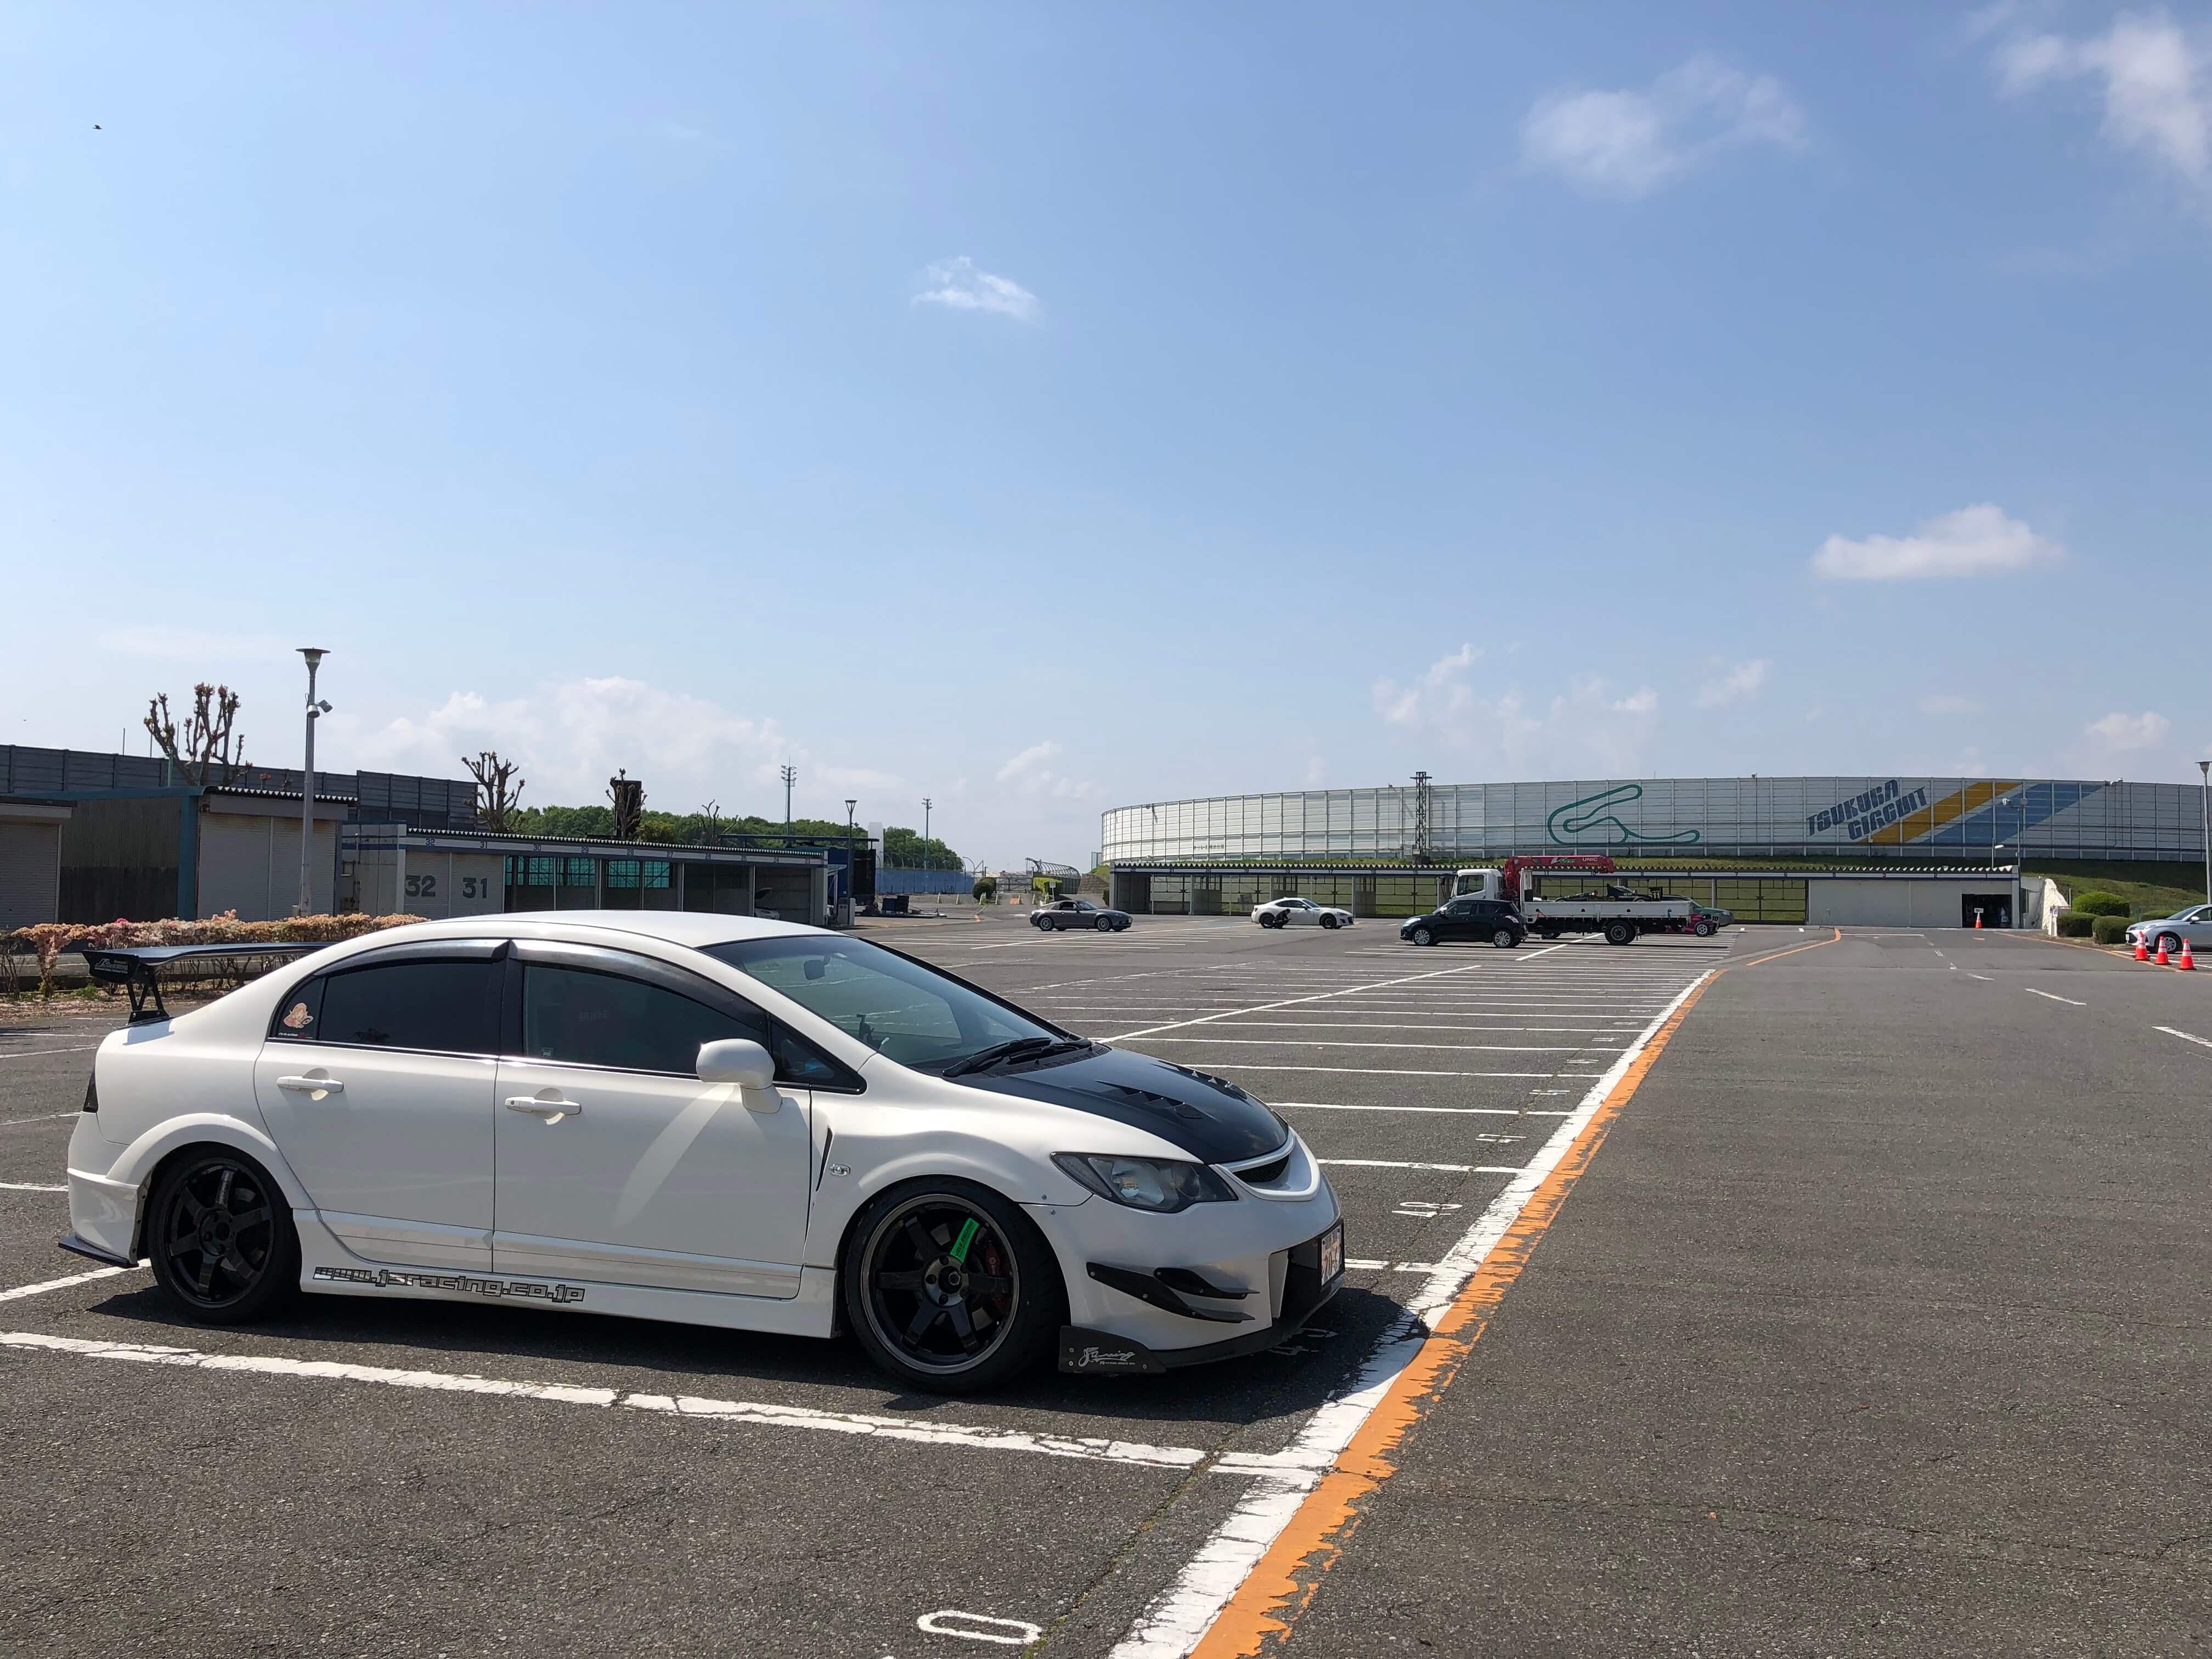 筑波サーキット講習会場 駐車場